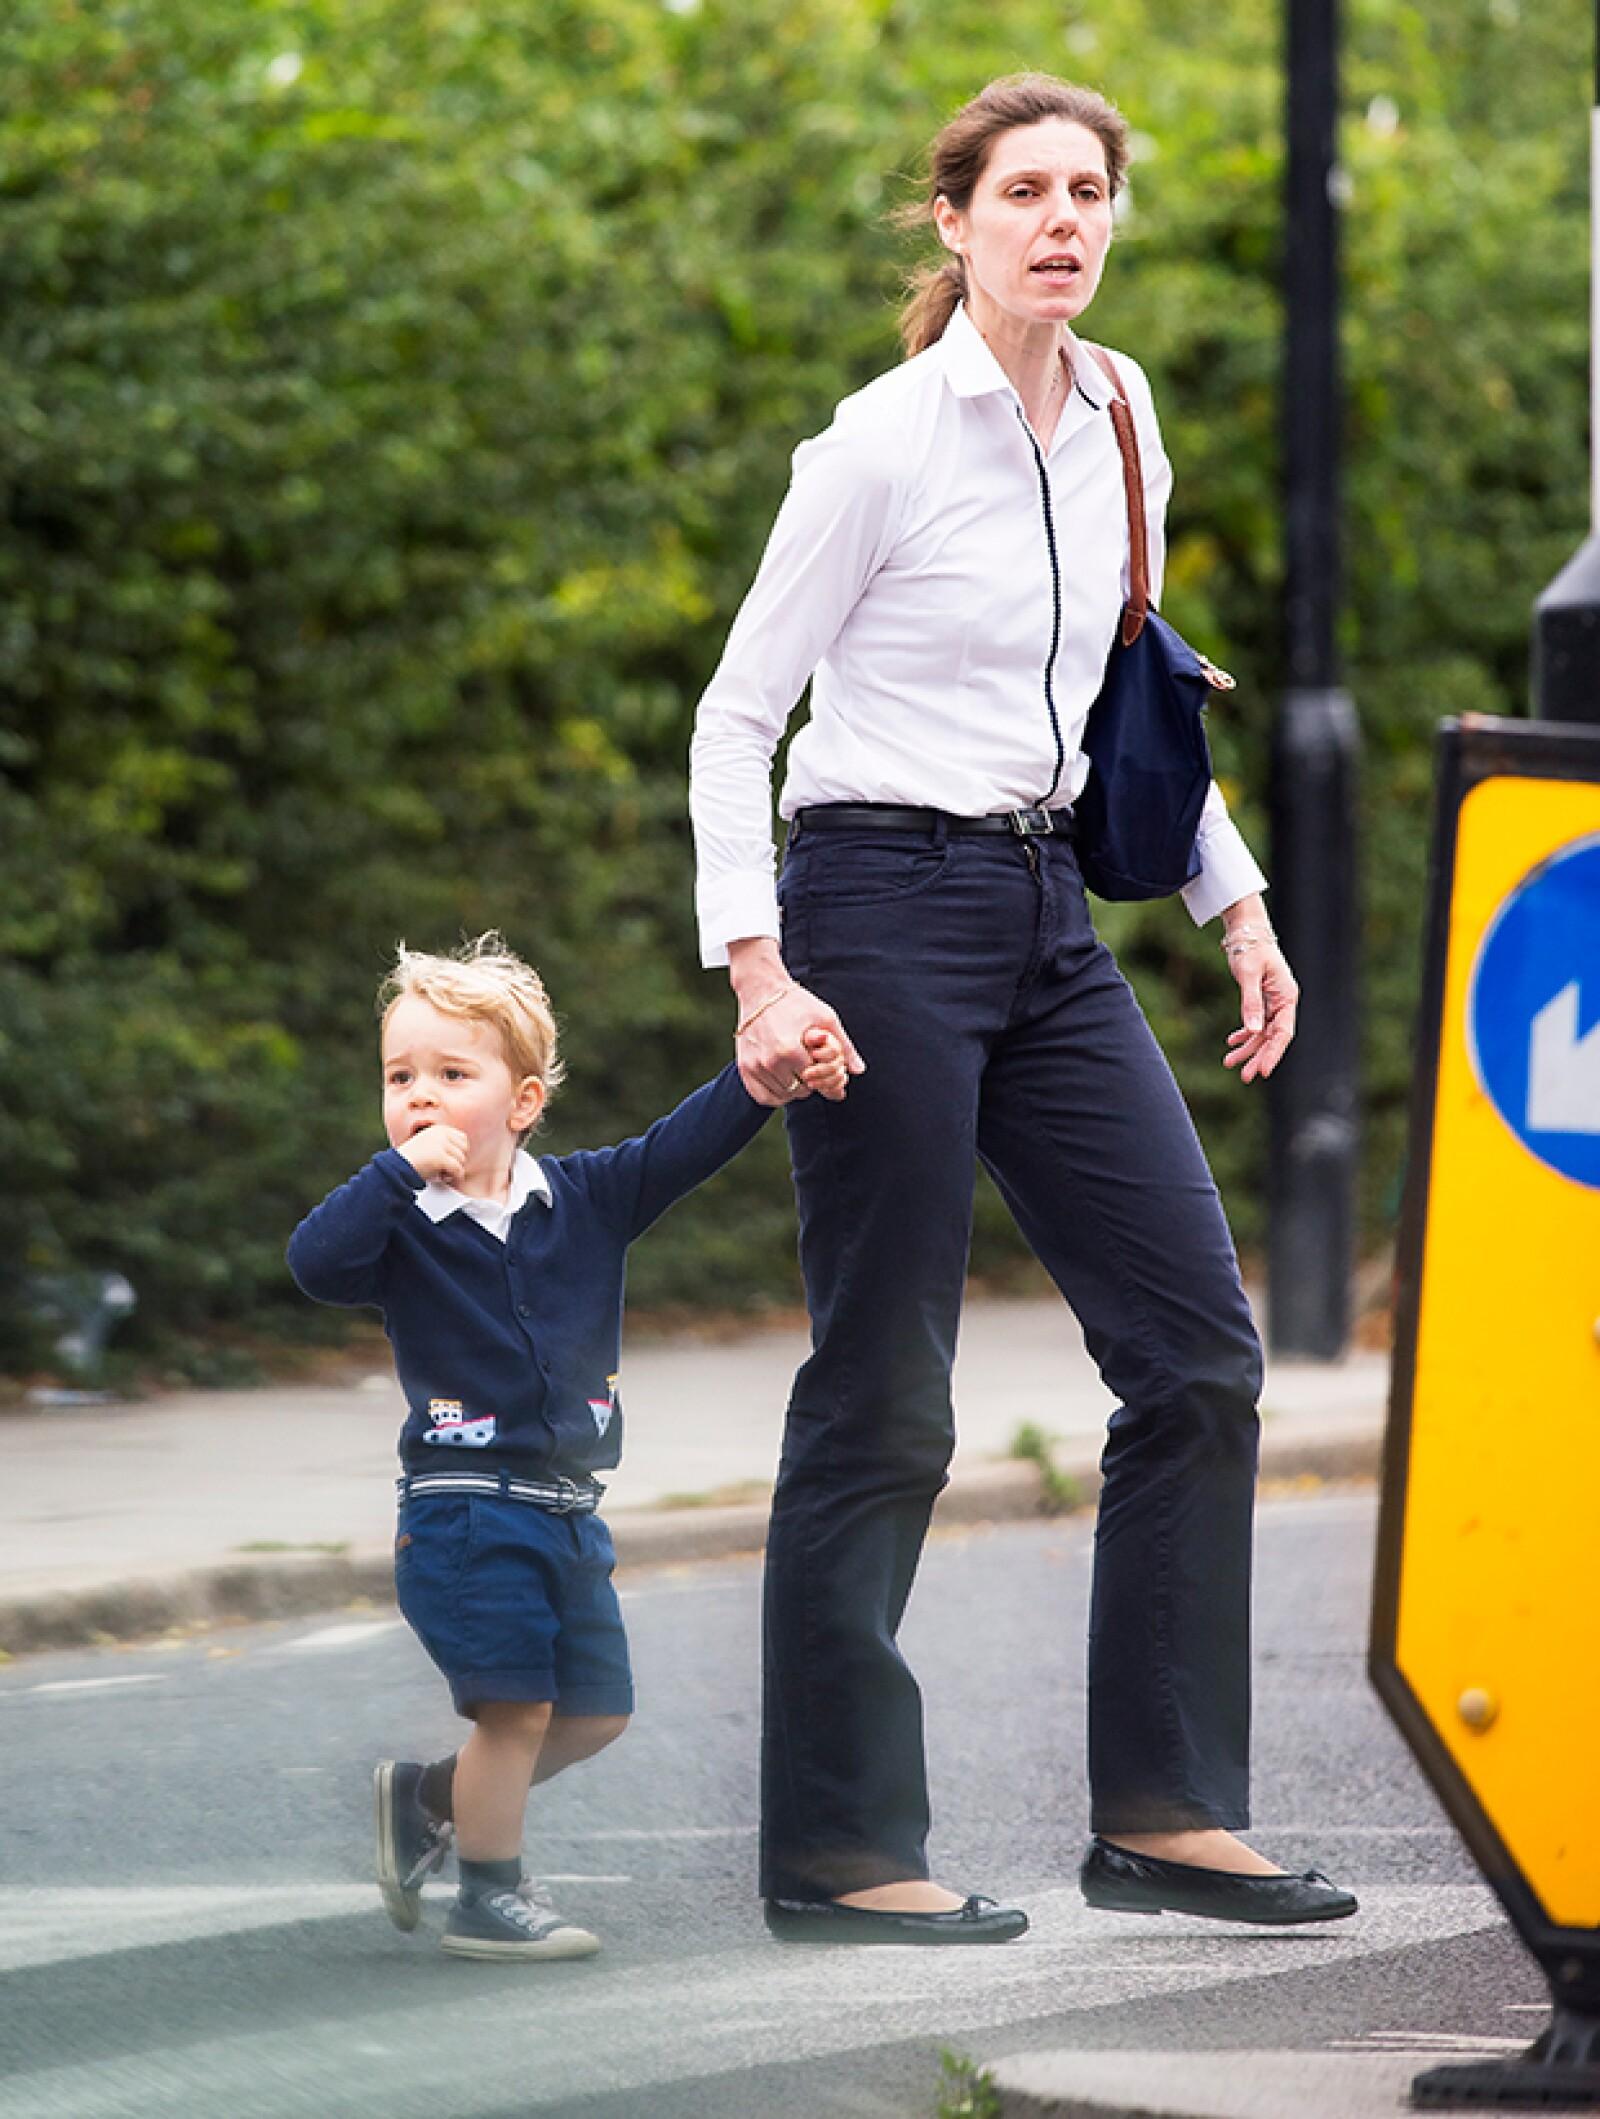 Nos encanta el look navy de George. Aquí de paseo al parque acompañado por su niñera Maria Borallo.